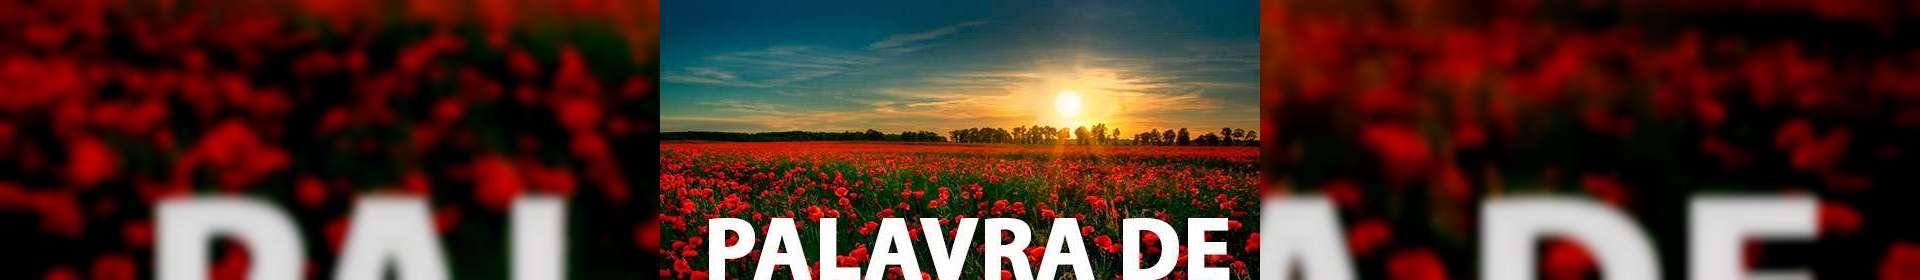 Isaías 42:9 - Uma Palavra de Esperança para sua vida